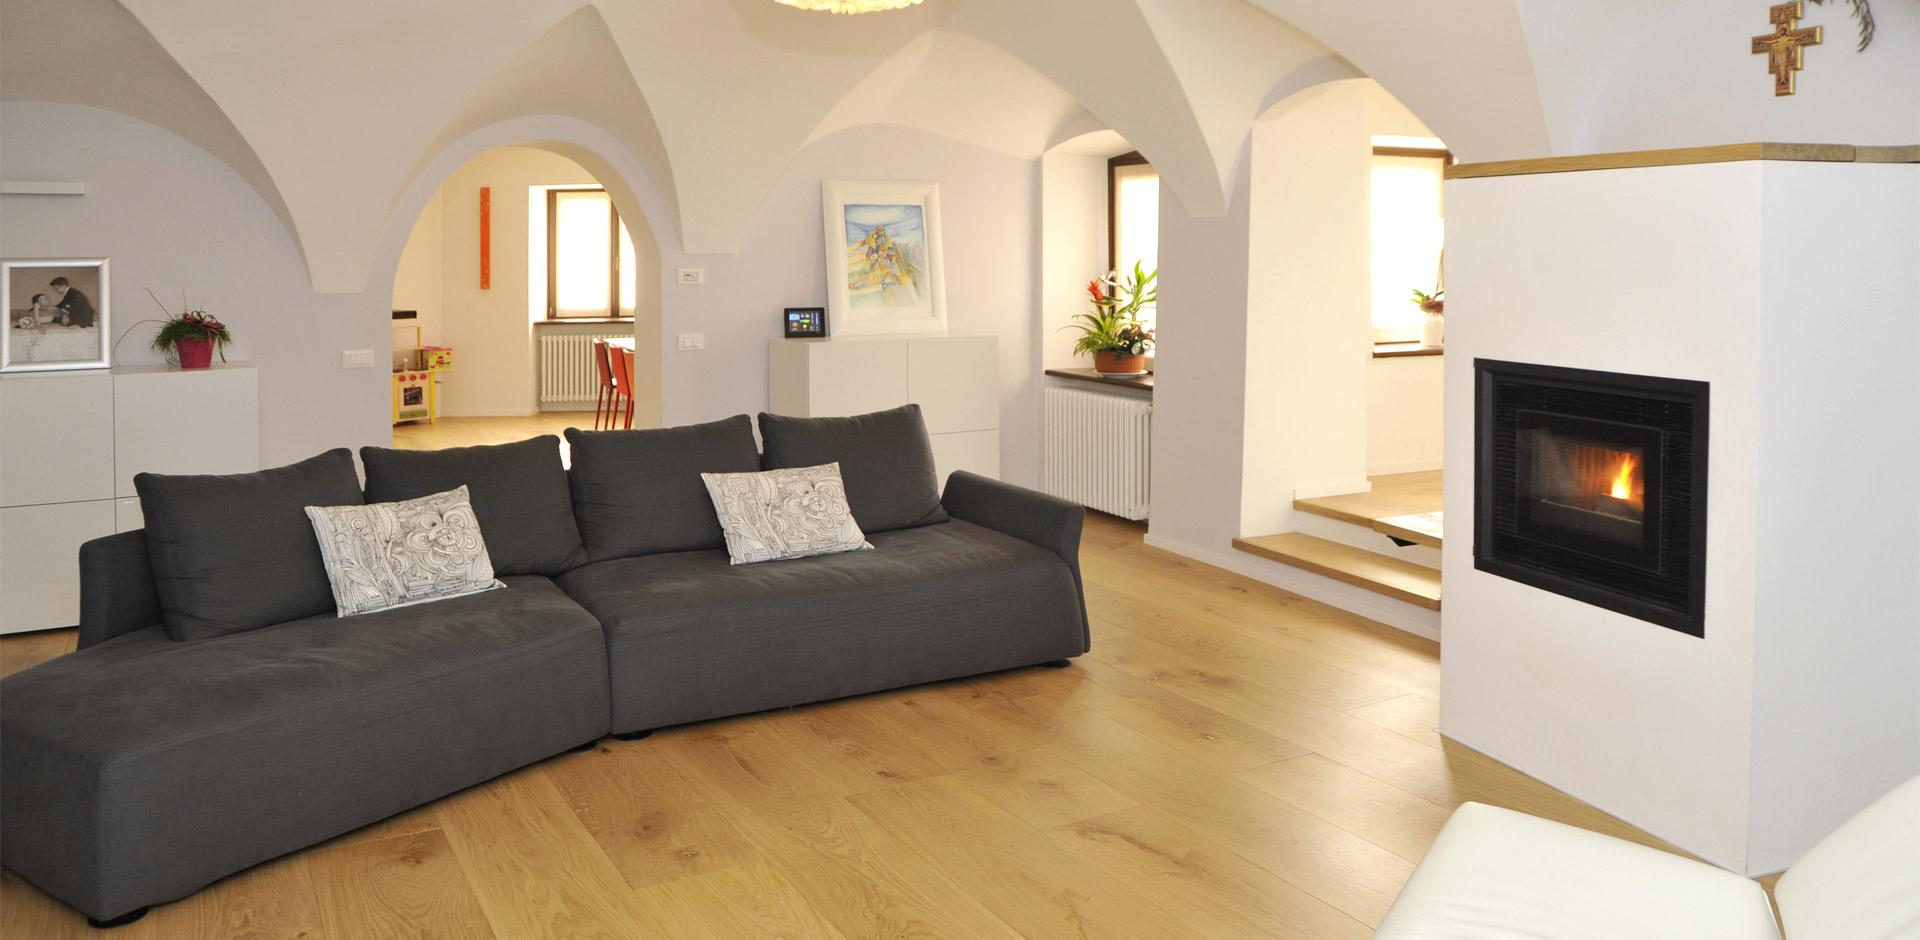 Conforti pavimenti pavimenti trento pavimenti legno for Arredo bagno trento via maccani